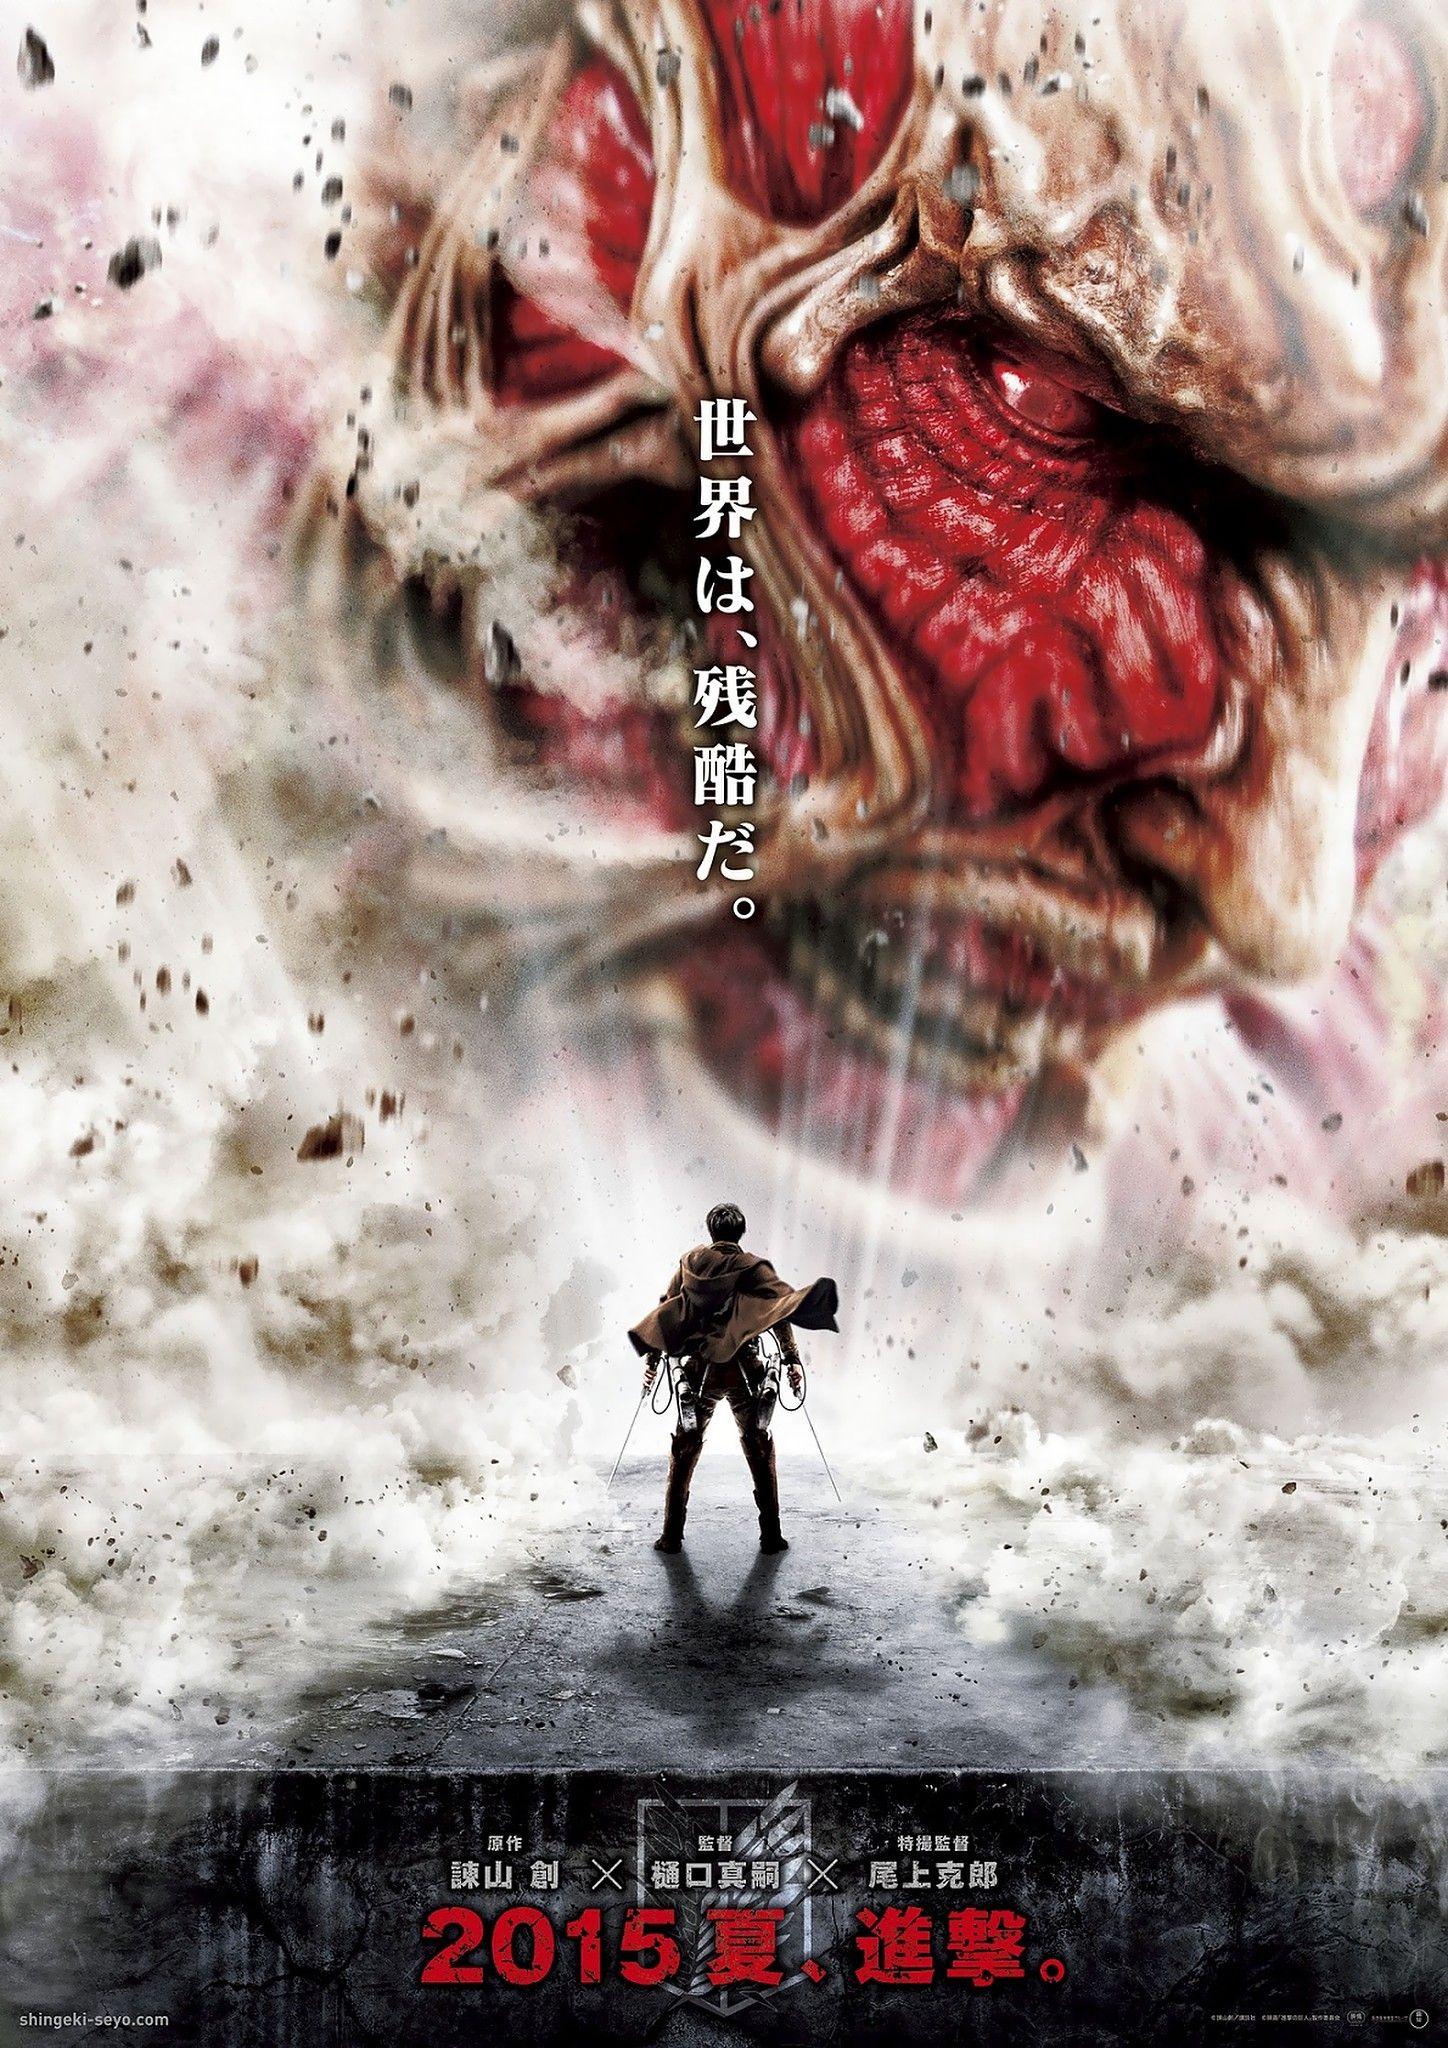 進撃の巨人 Attack on Titan [] http://www.imdb.com/title/tt2072230/?ref_=nv_sr_2 [] official trailer [04min] https://www.youtube.com/watch?v=pXmmwoGLF4I [] [] []